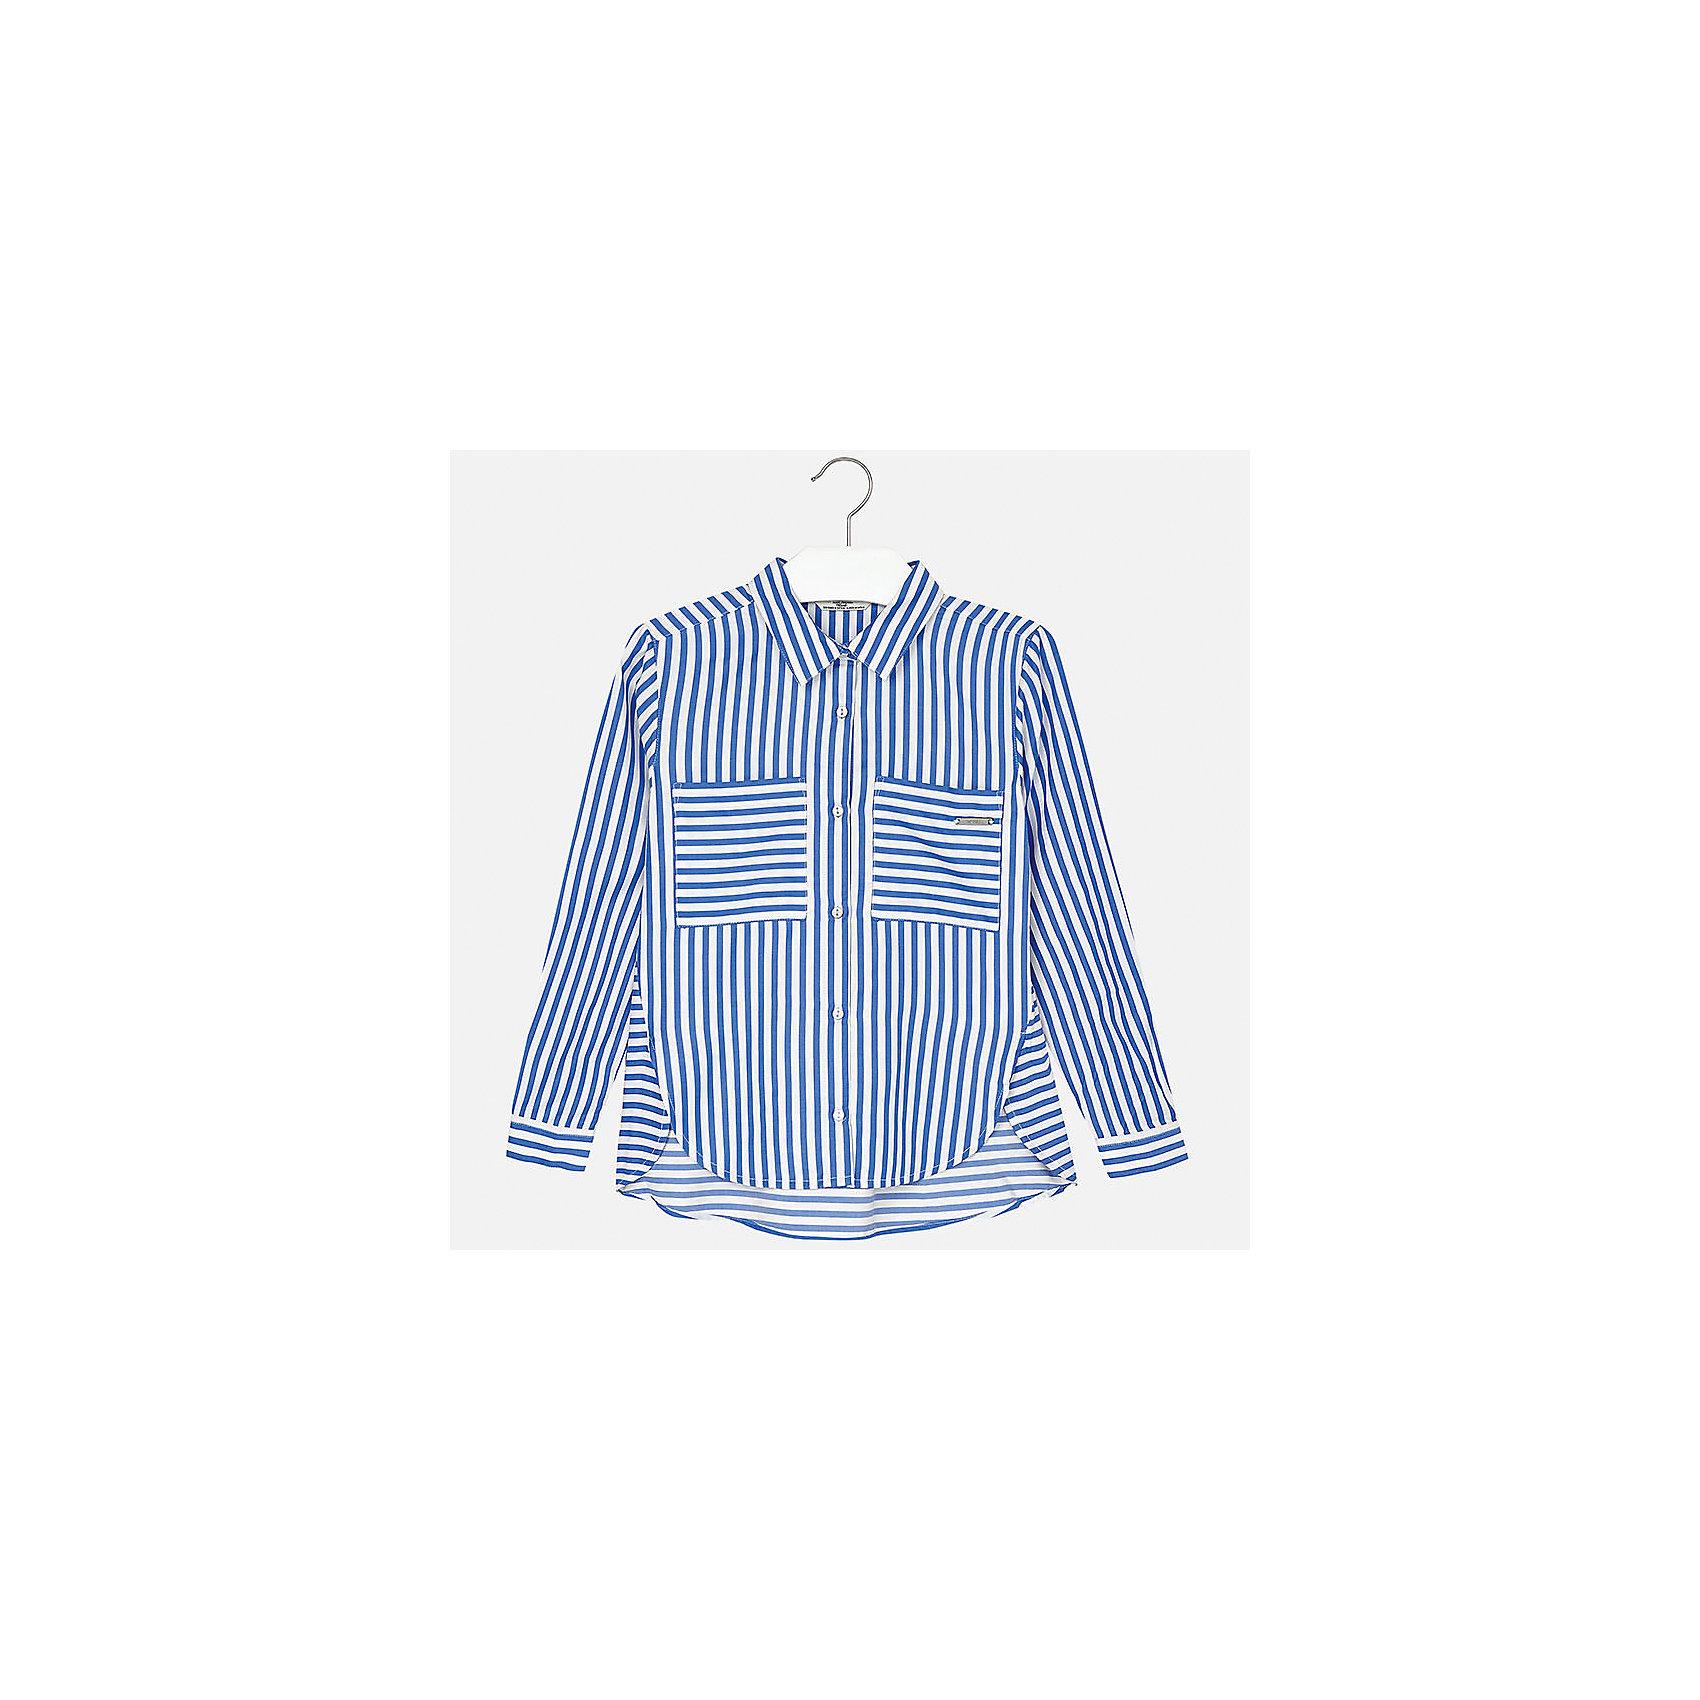 Блузка для девочки MayoralБлузки и рубашки<br>Характеристики товара:<br><br>• цвет: голубой<br>• состав: 52% вискоза, 48% полиэстер<br>• легкий материал<br>• пуговицы<br>• карманы<br>• отложной воротник<br>• длинные рукава<br>• страна бренда: Испания<br><br>Модная легкая блузка для девочки поможет разнообразить гардероб ребенка и украсить наряд. Она отлично сочетается и с юбками, и с шортами, и с брюками. Универсальный цвет позволяет подобрать к вещи низ практически любой расцветки. Интересный крой модели делает её нарядной и оригинальной. В составе материала - натуральный хлопок, гипоаллергенный, приятный на ощупь, дышащий.<br><br>Одежда, обувь и аксессуары от испанского бренда Mayoral полюбились детям и взрослым по всему миру. Модели этой марки - стильные и удобные. Для их производства используются только безопасные, качественные материалы и фурнитура. Порадуйте ребенка модными и красивыми вещами от Mayoral! <br><br>Блузку для девочки от испанского бренда Mayoral (Майорал) можно купить в нашем интернет-магазине.<br><br>Ширина мм: 186<br>Глубина мм: 87<br>Высота мм: 198<br>Вес г: 197<br>Цвет: синий<br>Возраст от месяцев: 84<br>Возраст до месяцев: 96<br>Пол: Женский<br>Возраст: Детский<br>Размер: 128/134,170,140,152,158,164<br>SKU: 5292638